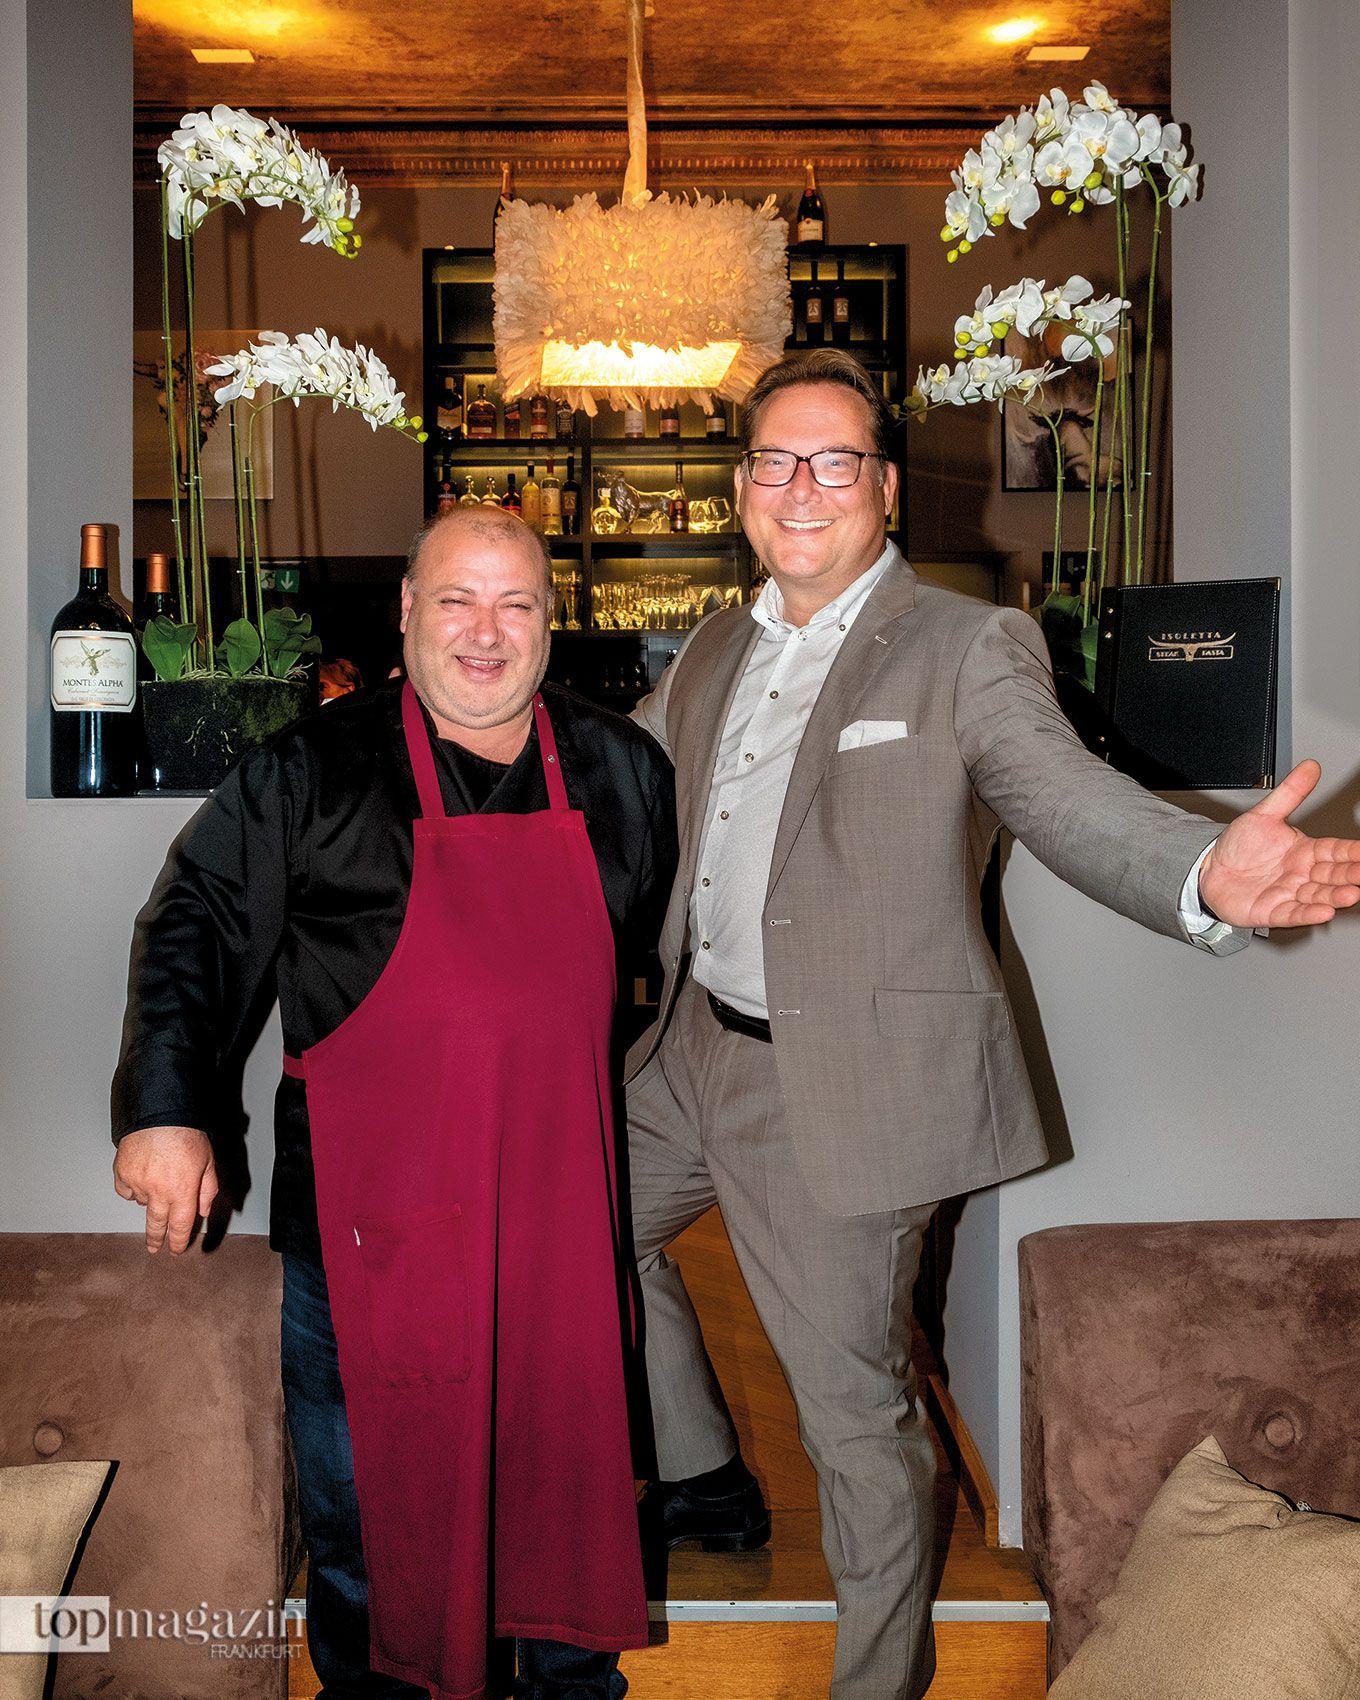 Salvatore Cavallo und Michael Schramm im neuen Wiesbadener Isoletta Steak & Pasta